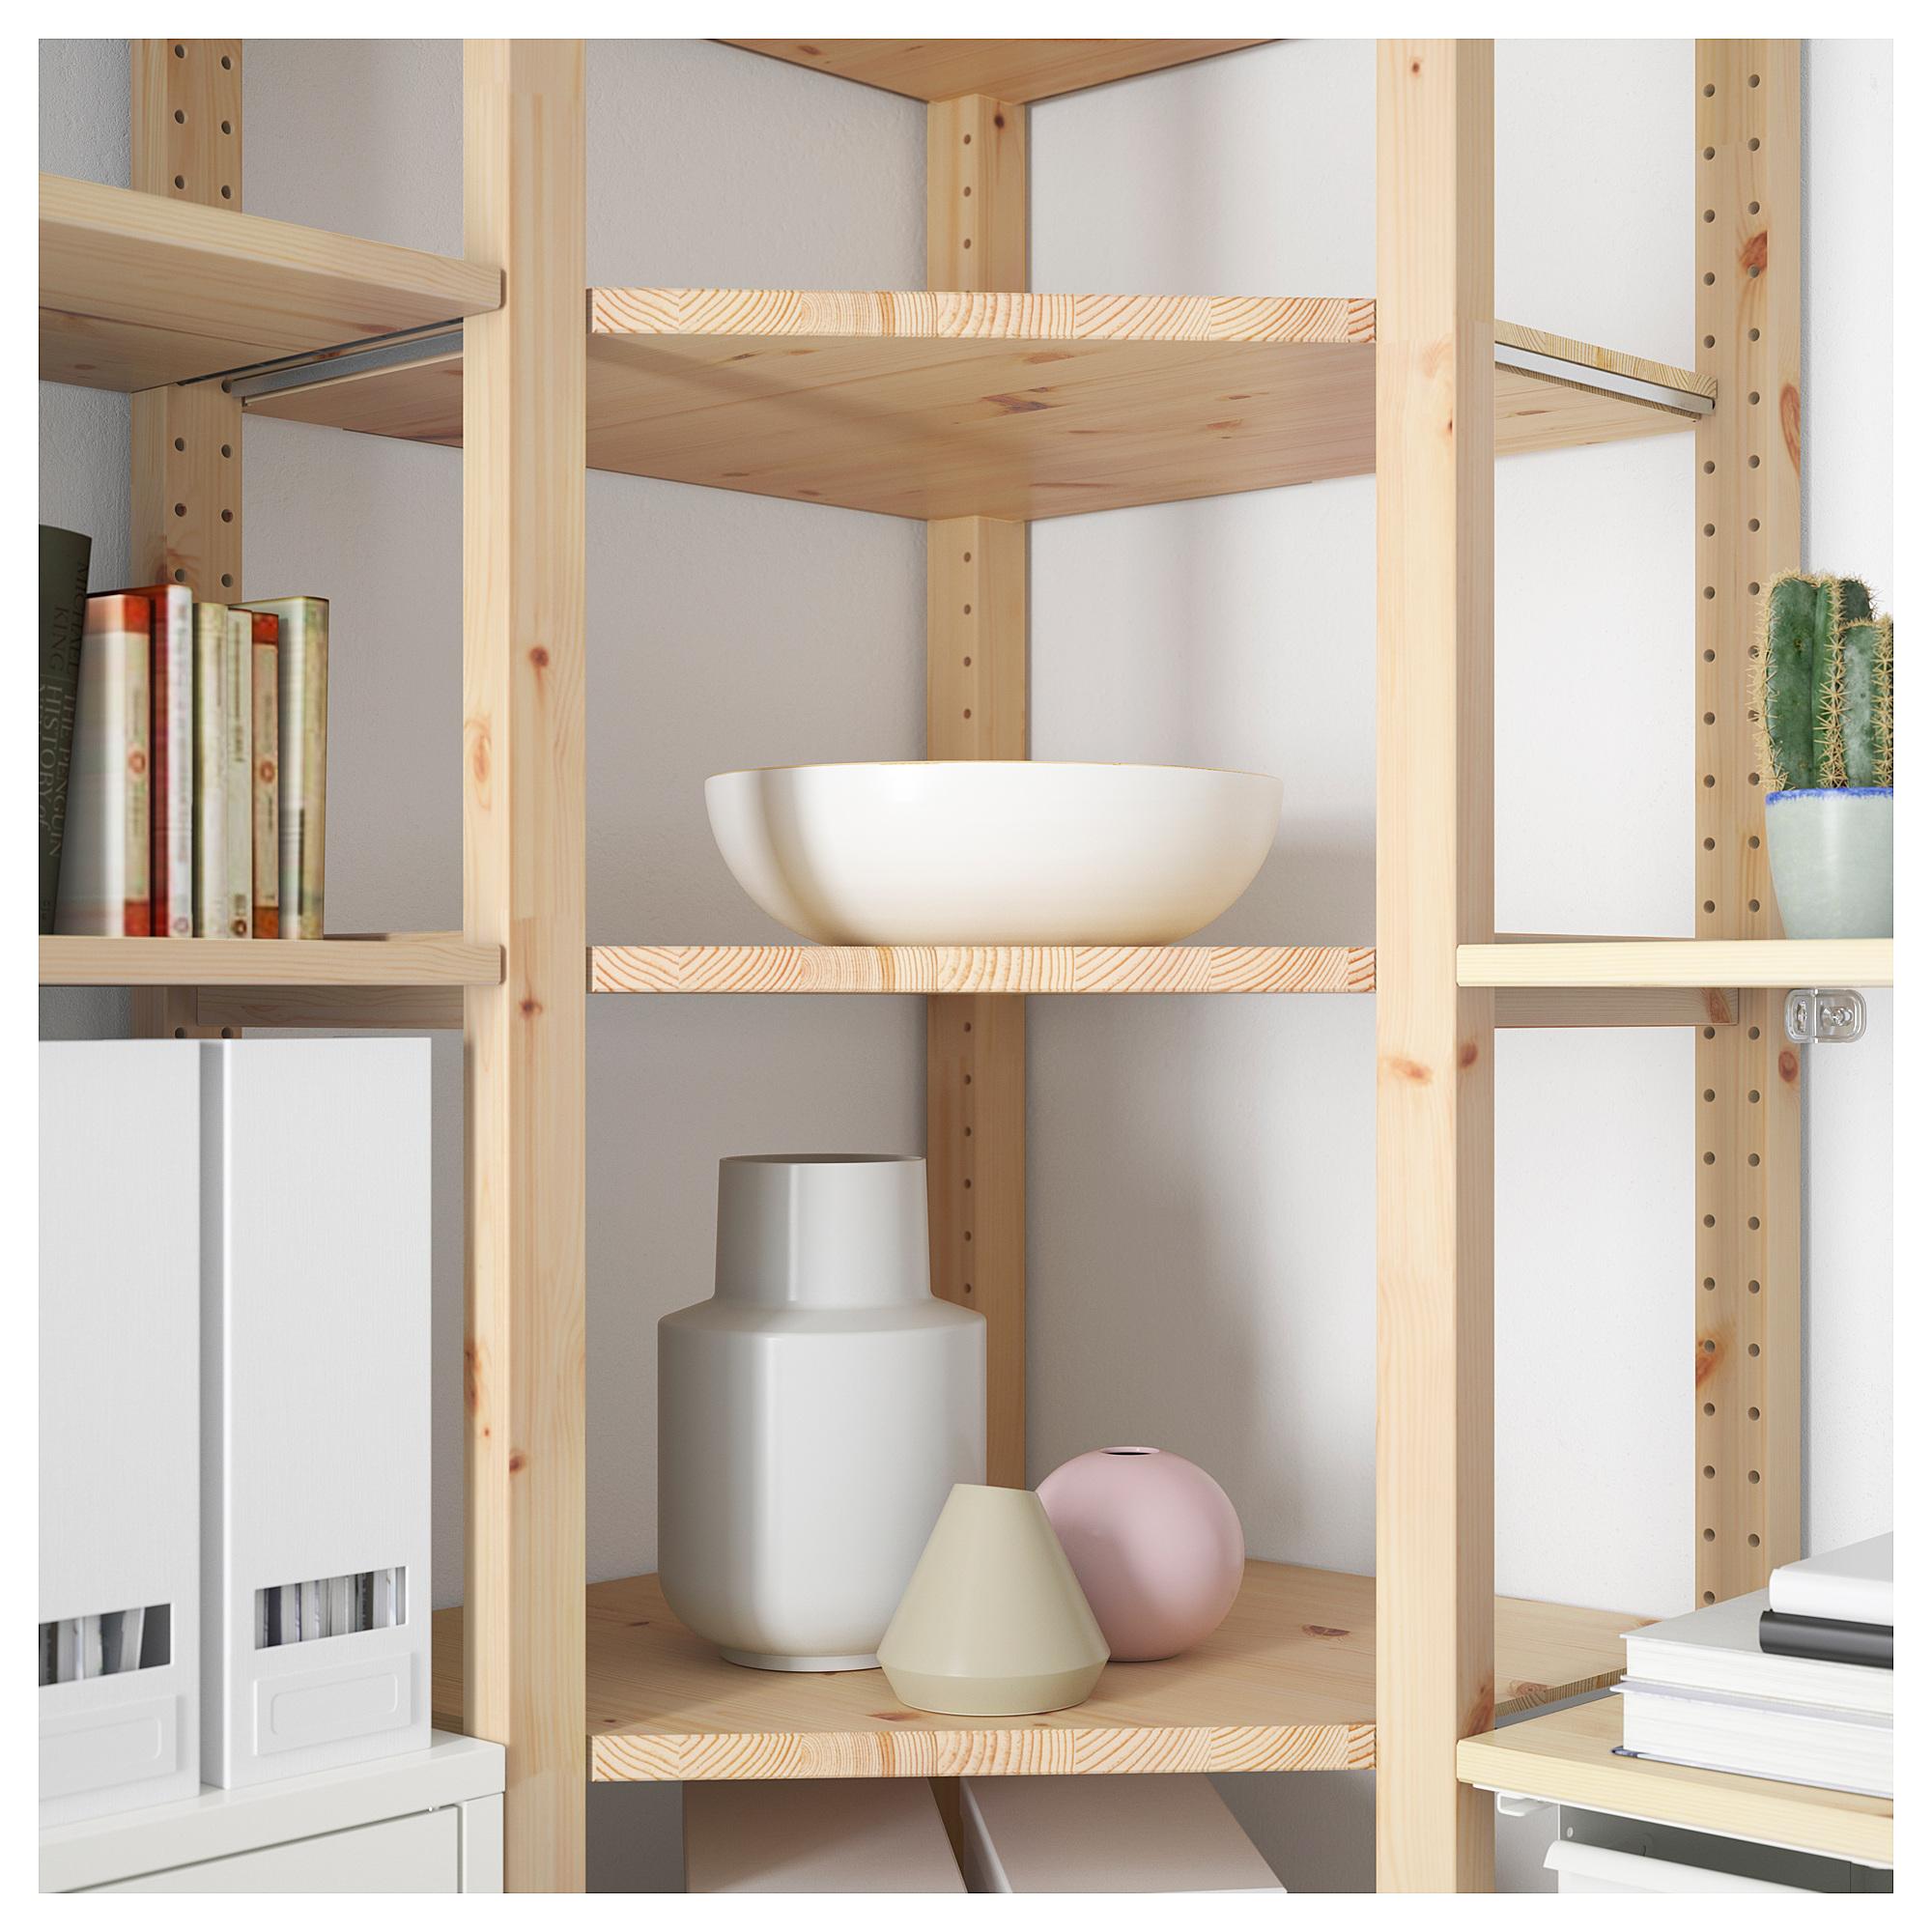 3 секции, угловой ИВАР белый артикуль № 292.499.86 в наличии. Online каталог IKEA РБ. Недорогая доставка и монтаж.